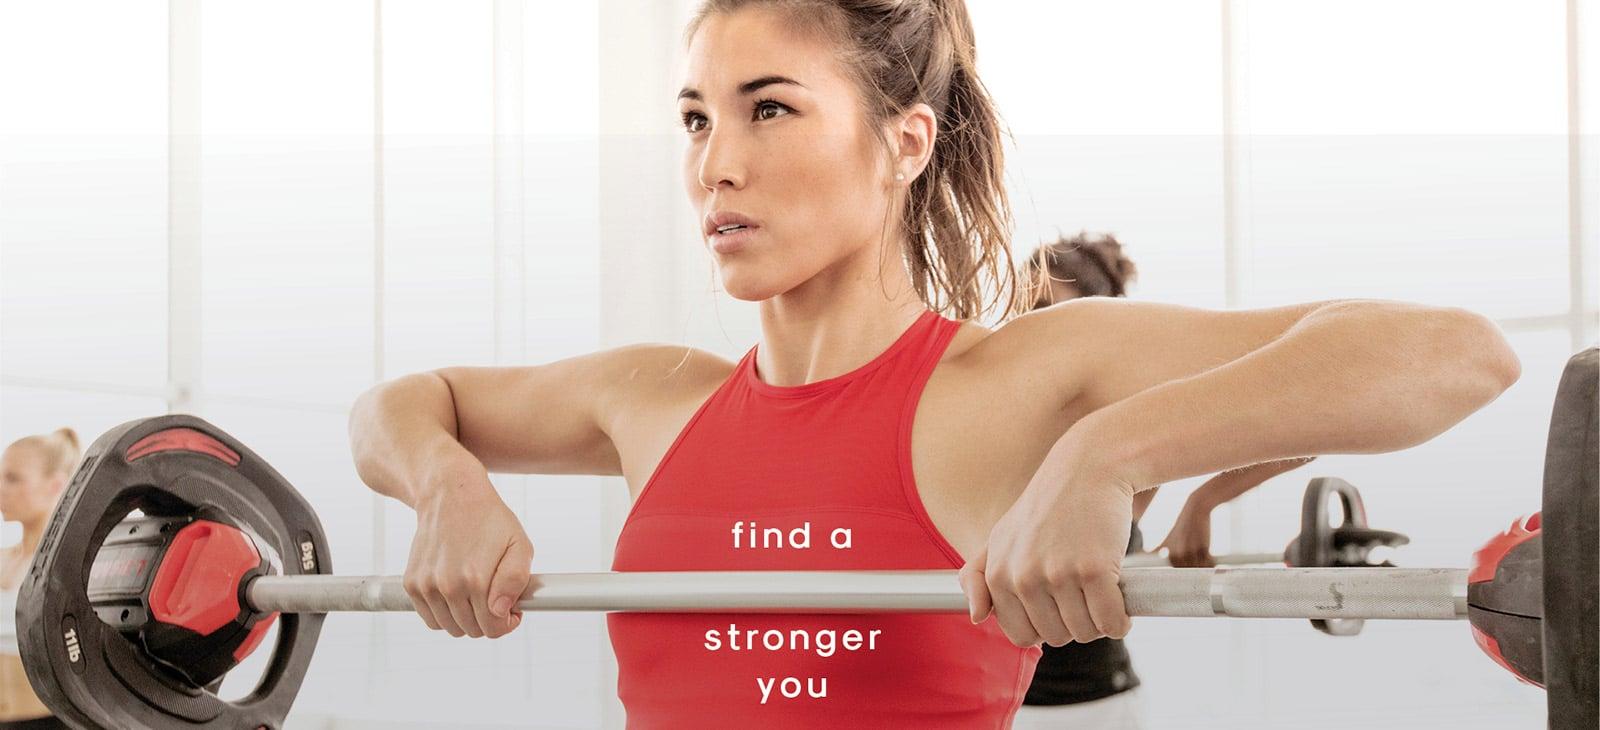 Bodypump von LesMills ist das perfekte Workout für Frauen